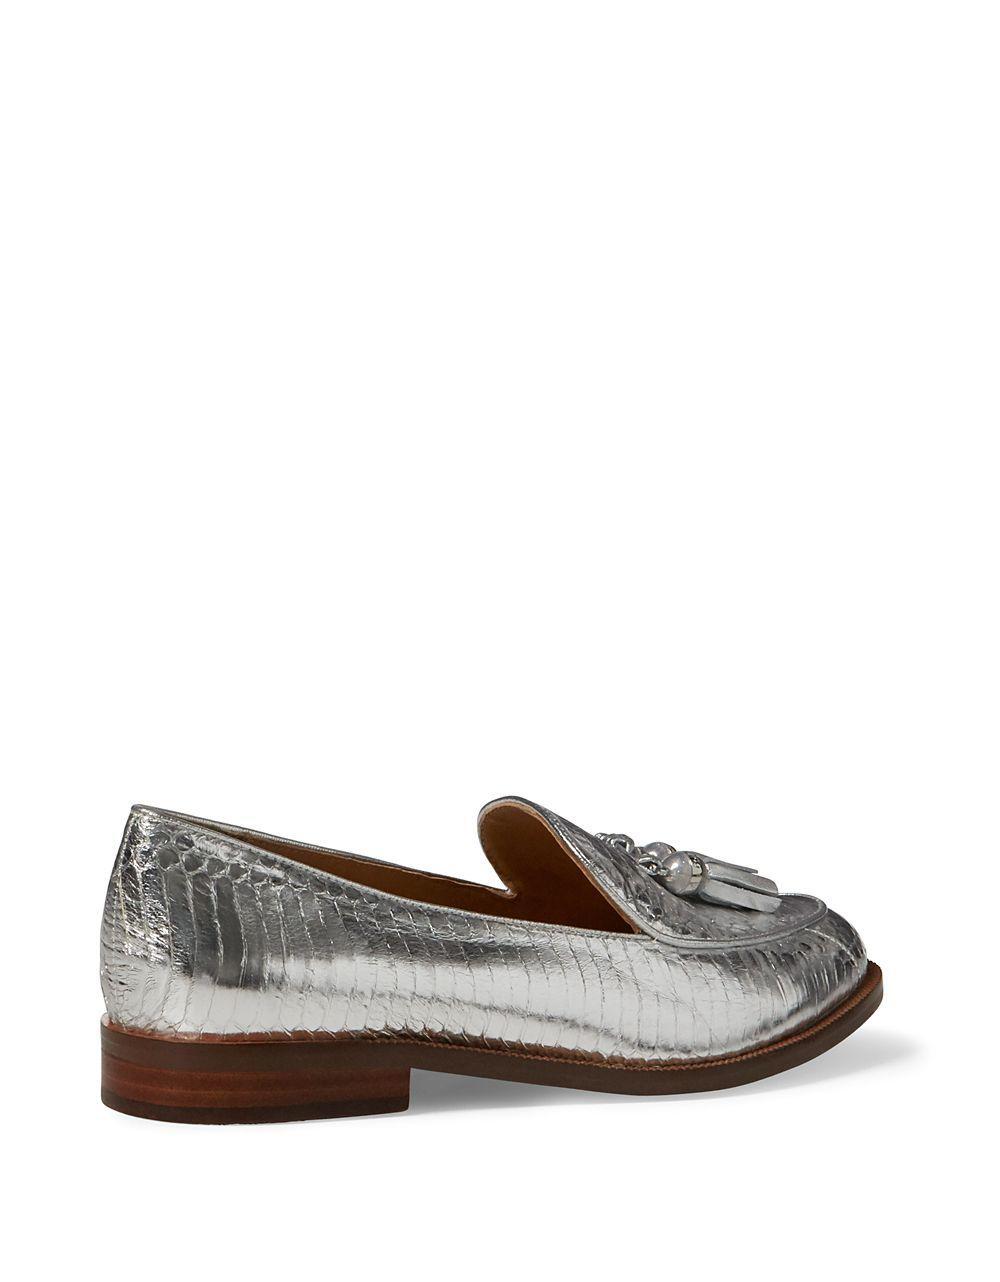 f82ff30c4 Lauren by Ralph Lauren Brindy Metallic Leather Croc-embossed Loafers in  Metallic - Lyst